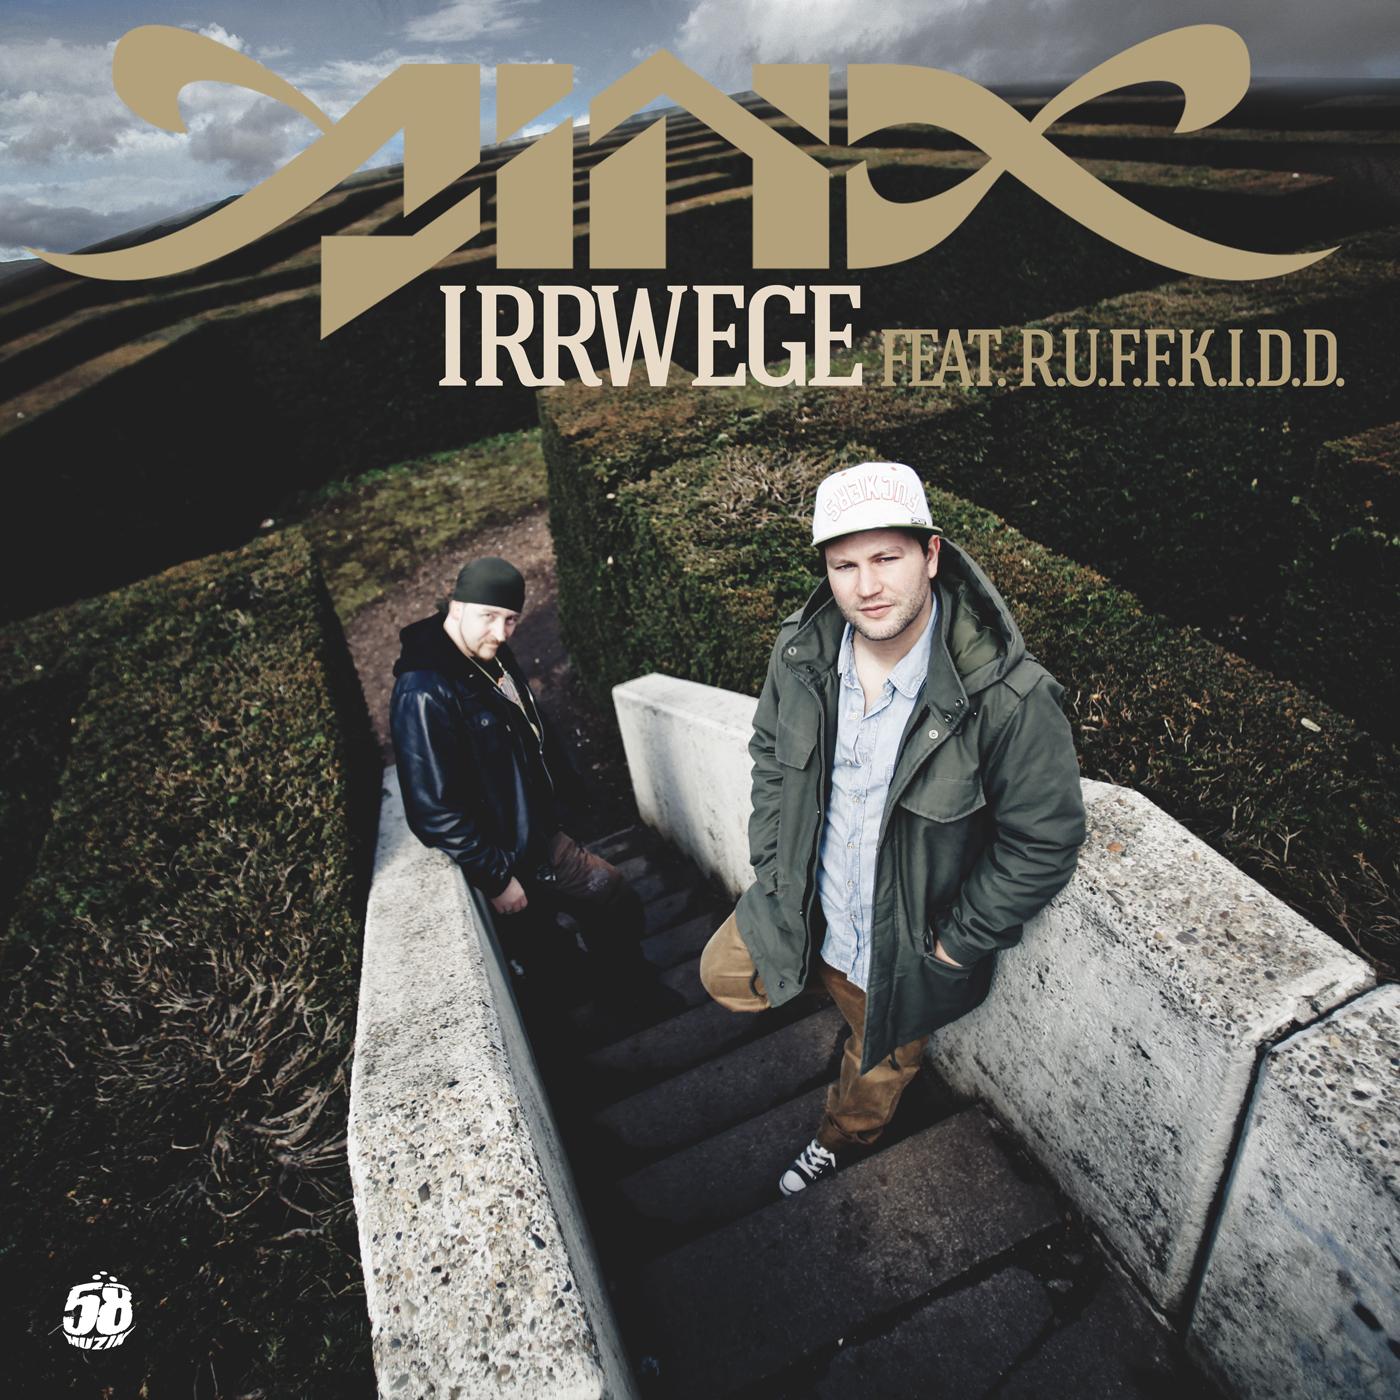 Jinx - Irrwege feat. R.U.F.F.K.I.D.D. Cover